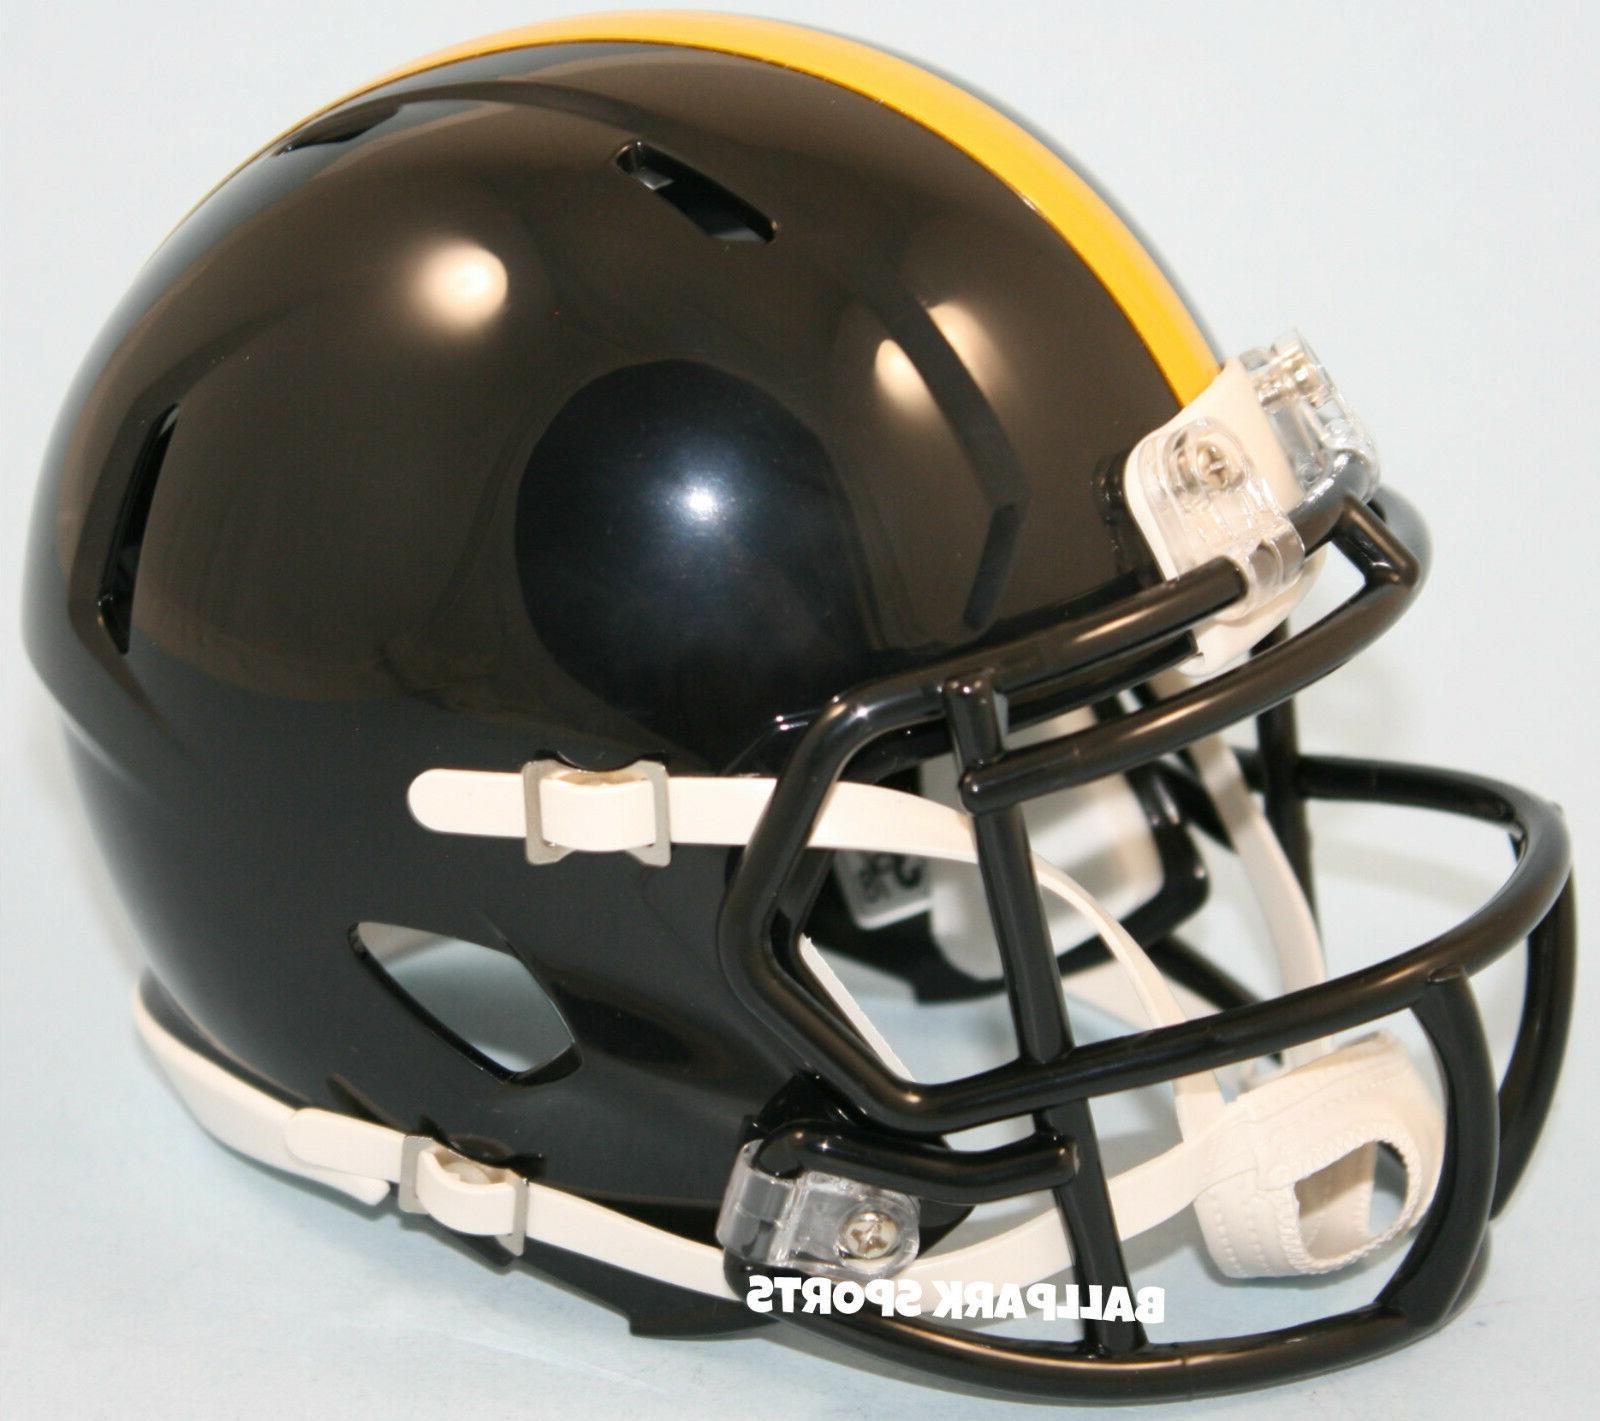 PITTSBURGH STEELERS Speed Helmet